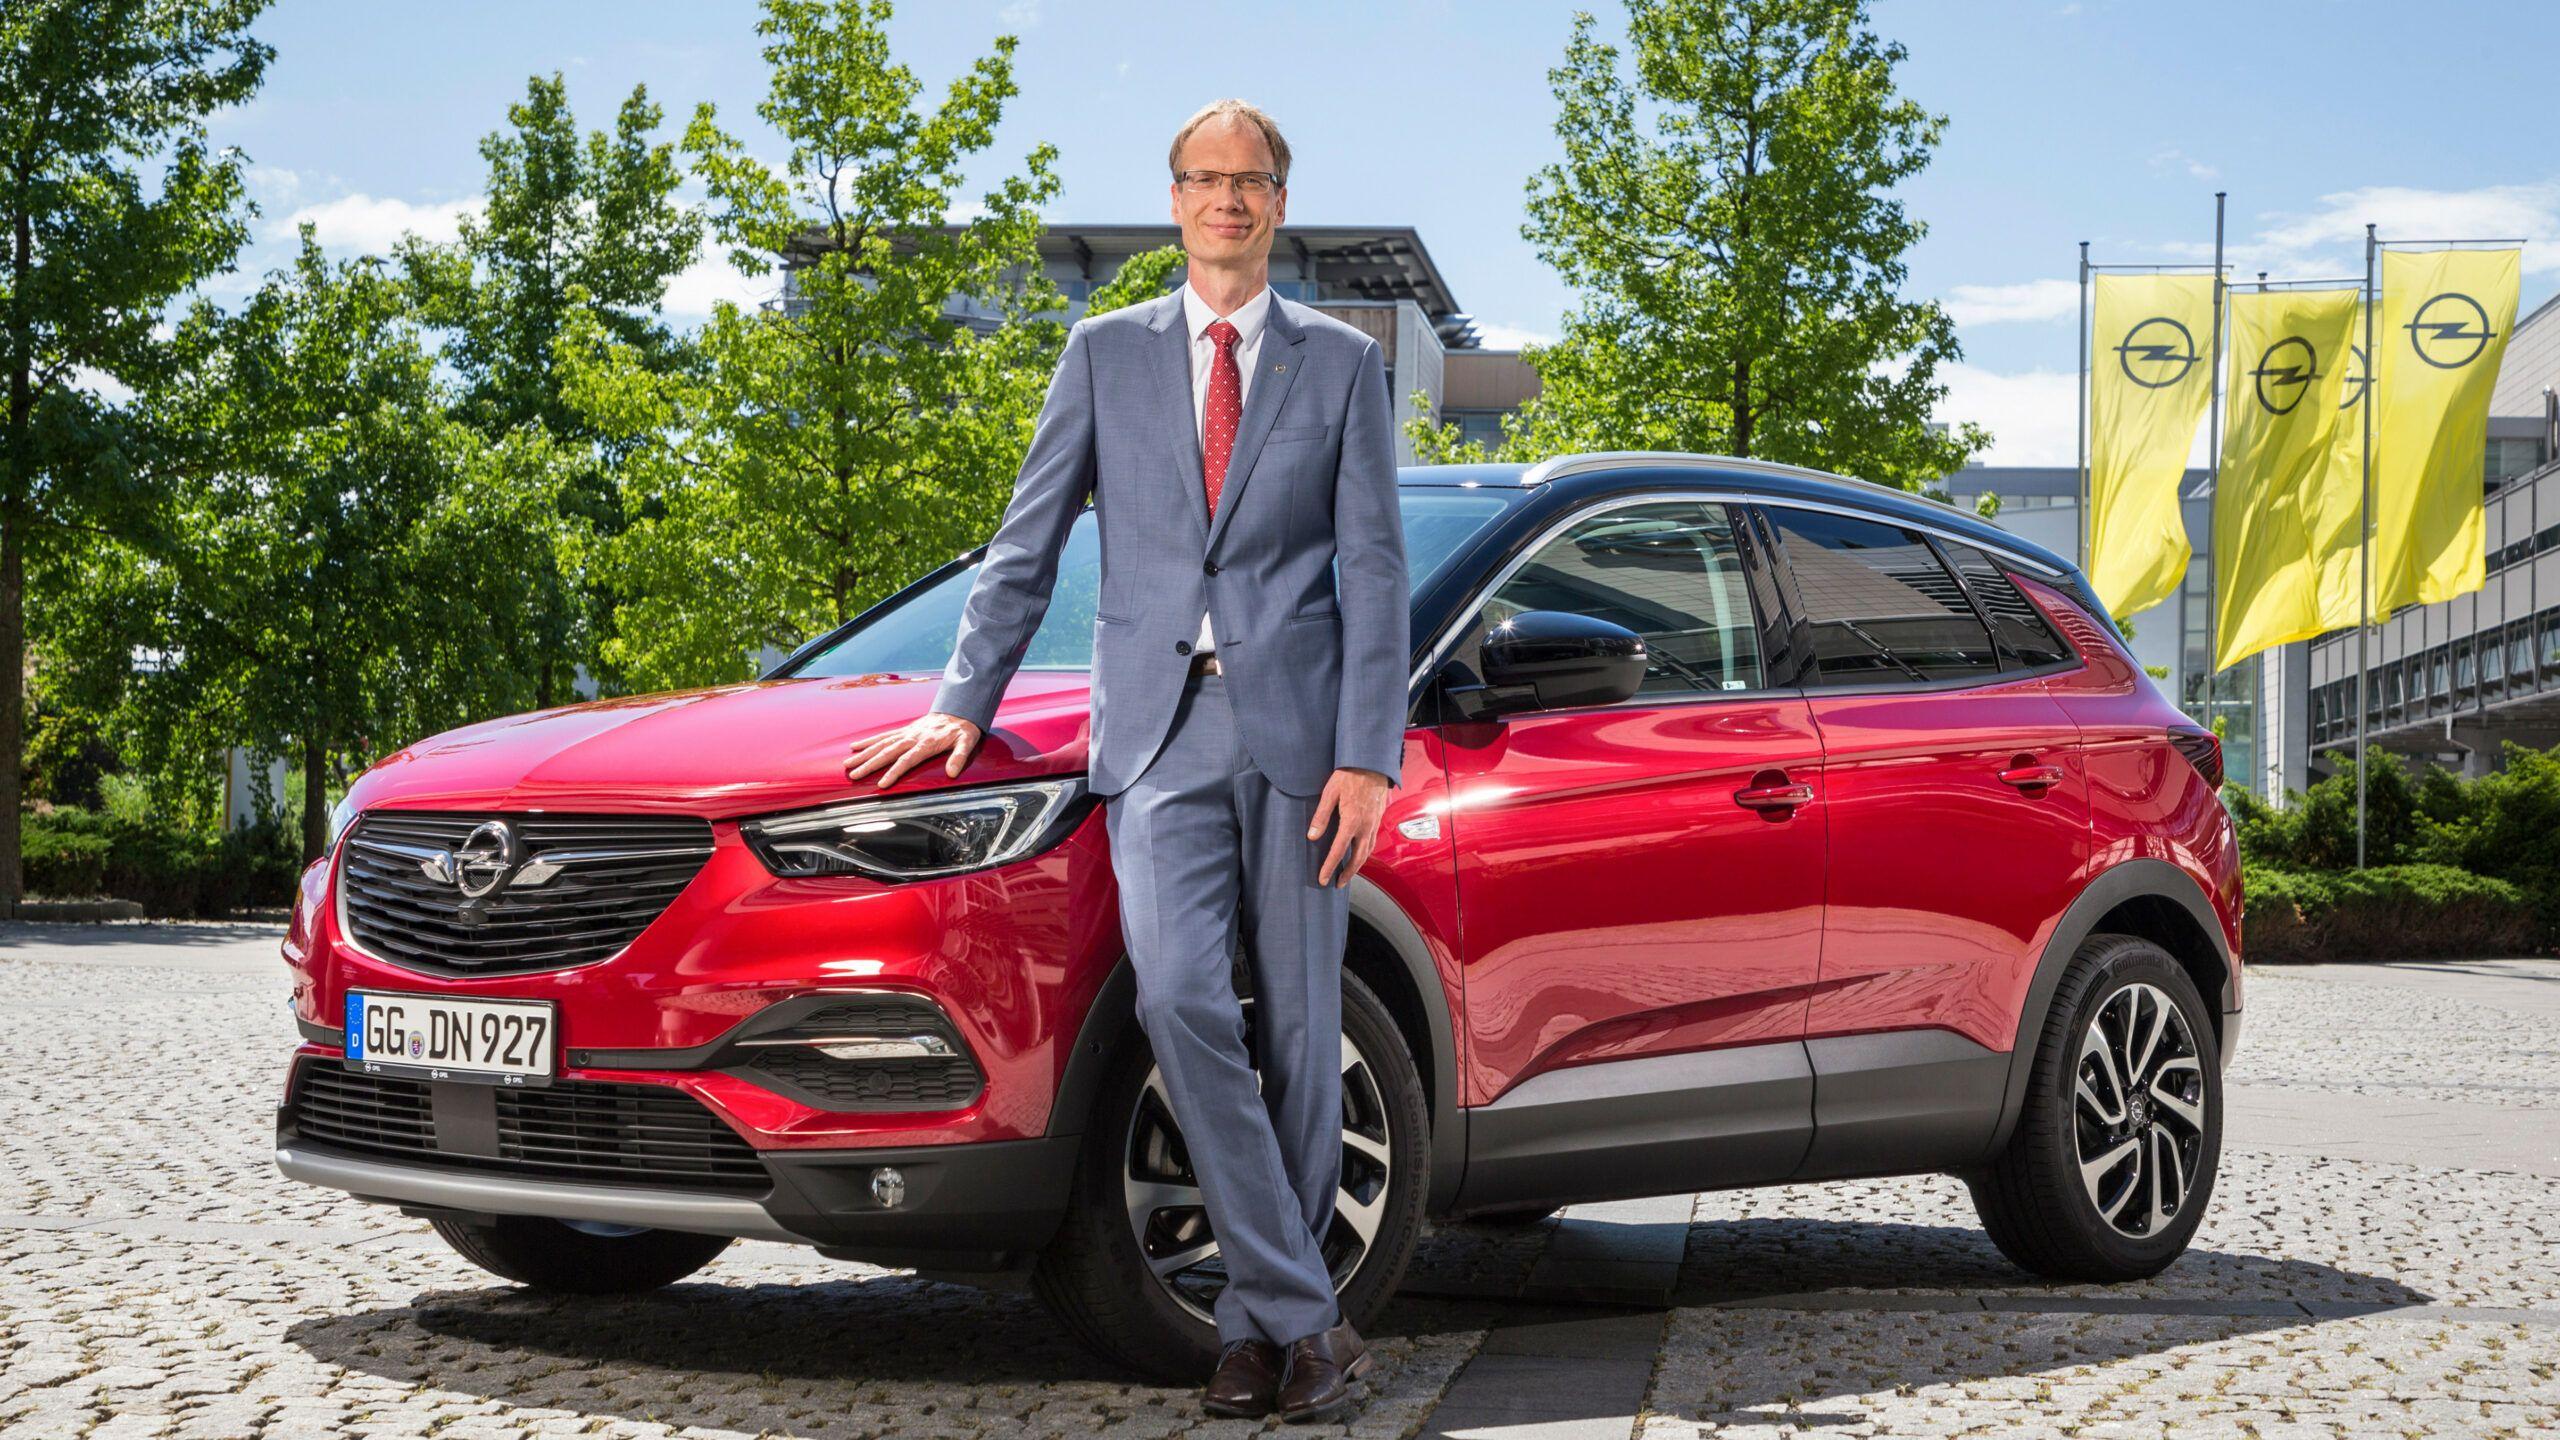 8 Picture Opel 2020 News In 2020 Opel Mokka Opel Opel Corsa